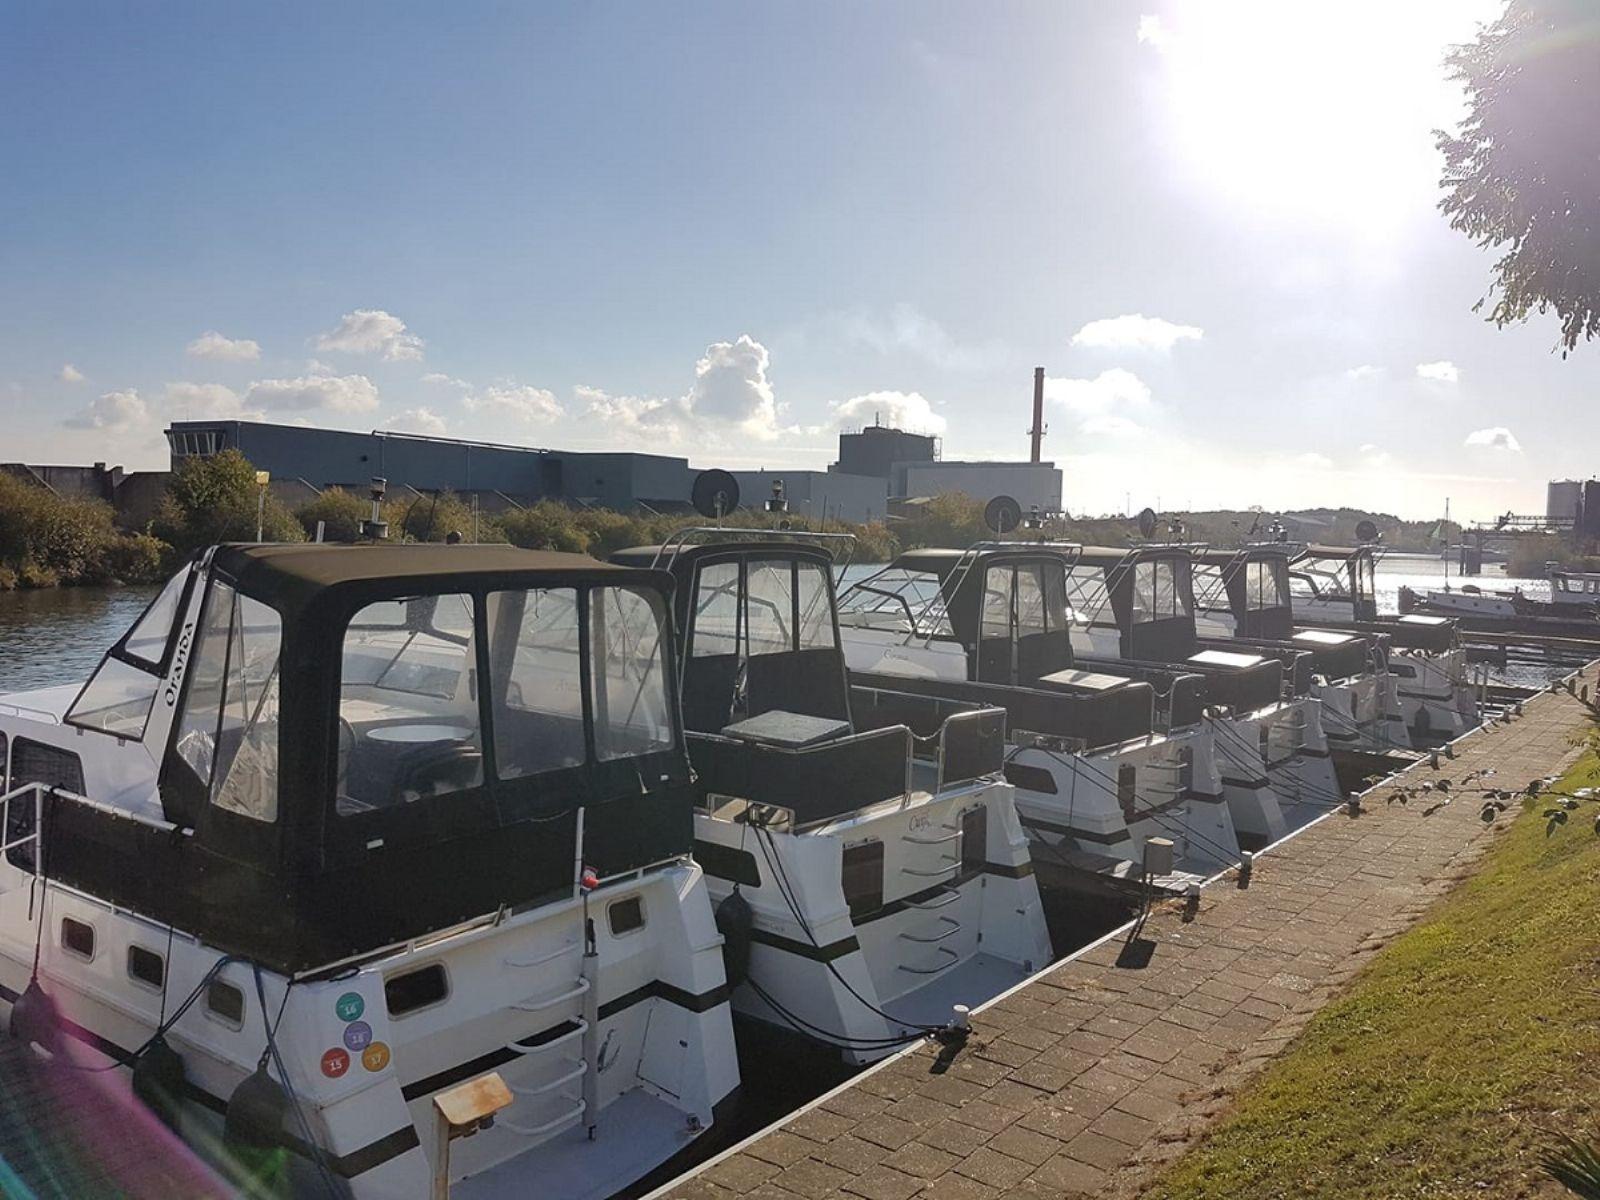 yachtcharter met maar liefst 12 motorboten